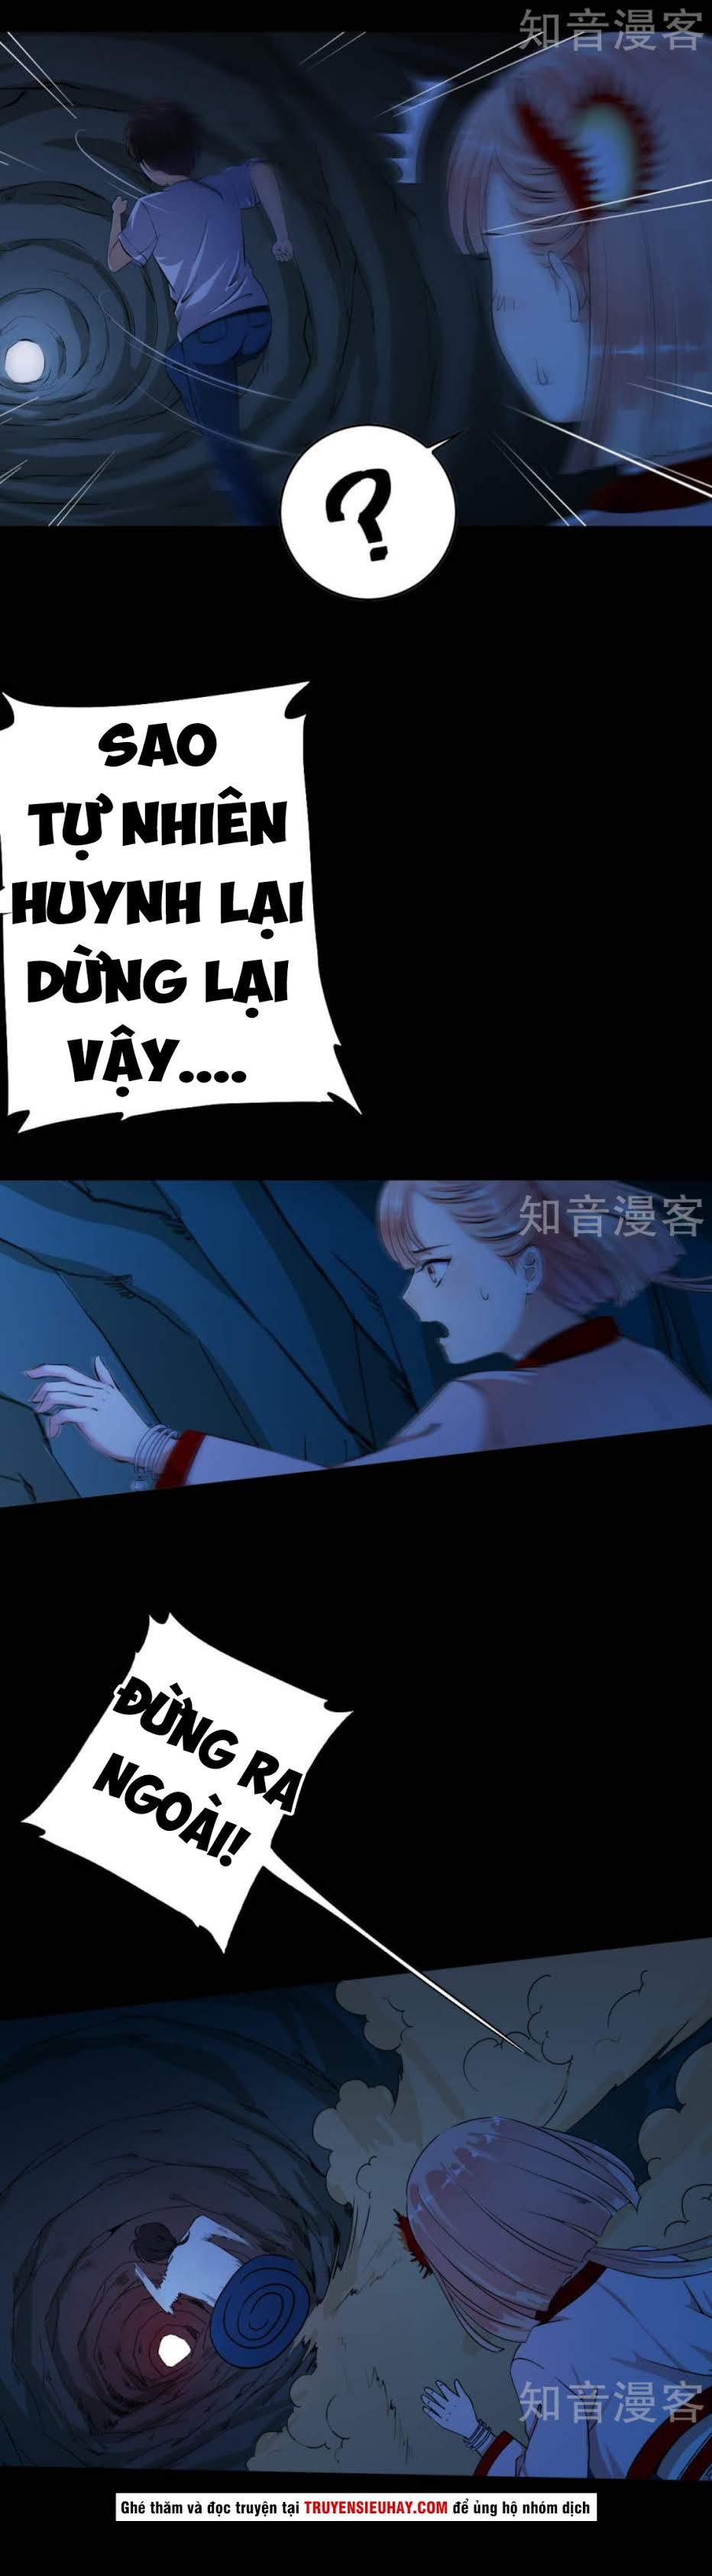 Thiếu Niên Huynh Là Loại Cỏ Gì Chapter 2 video - Hamtruyen.vn